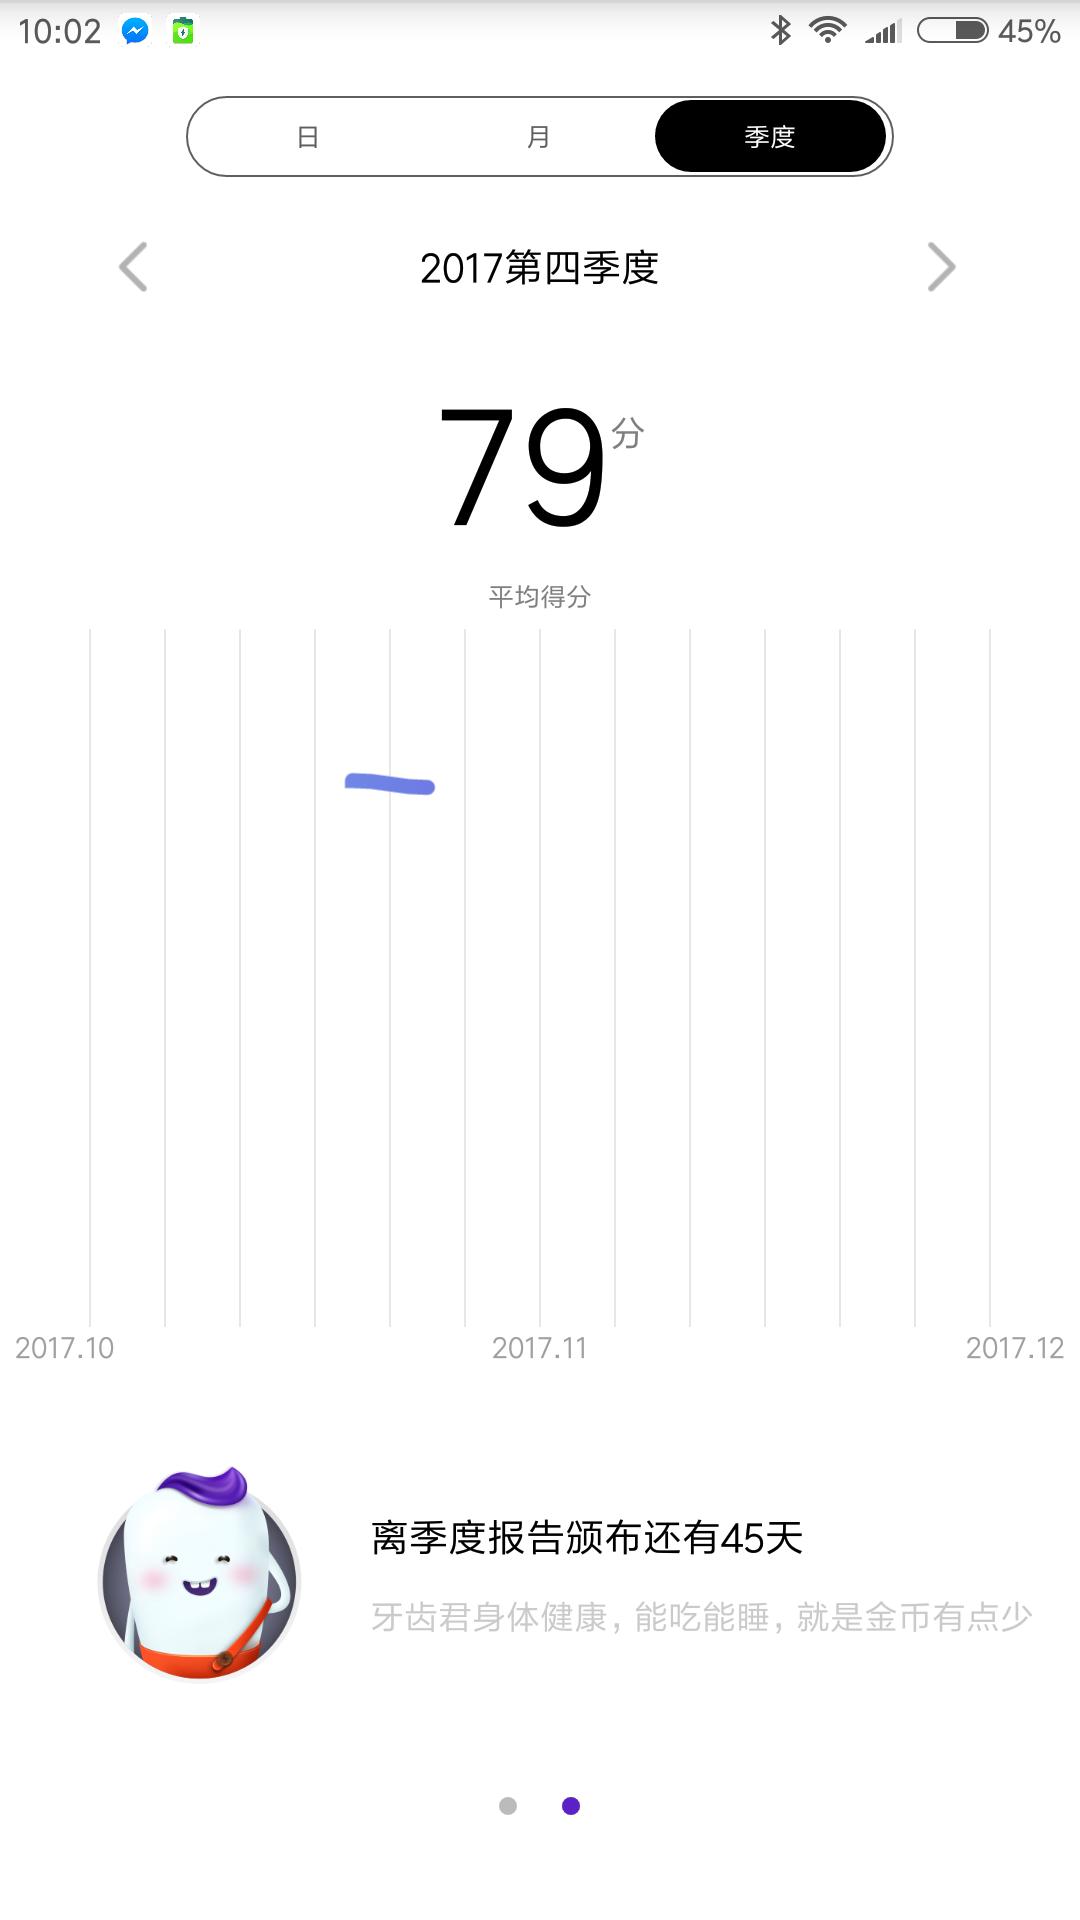 screenshot_2017-11-17-10-02-08-075_com_xiaomi_smarthome.png